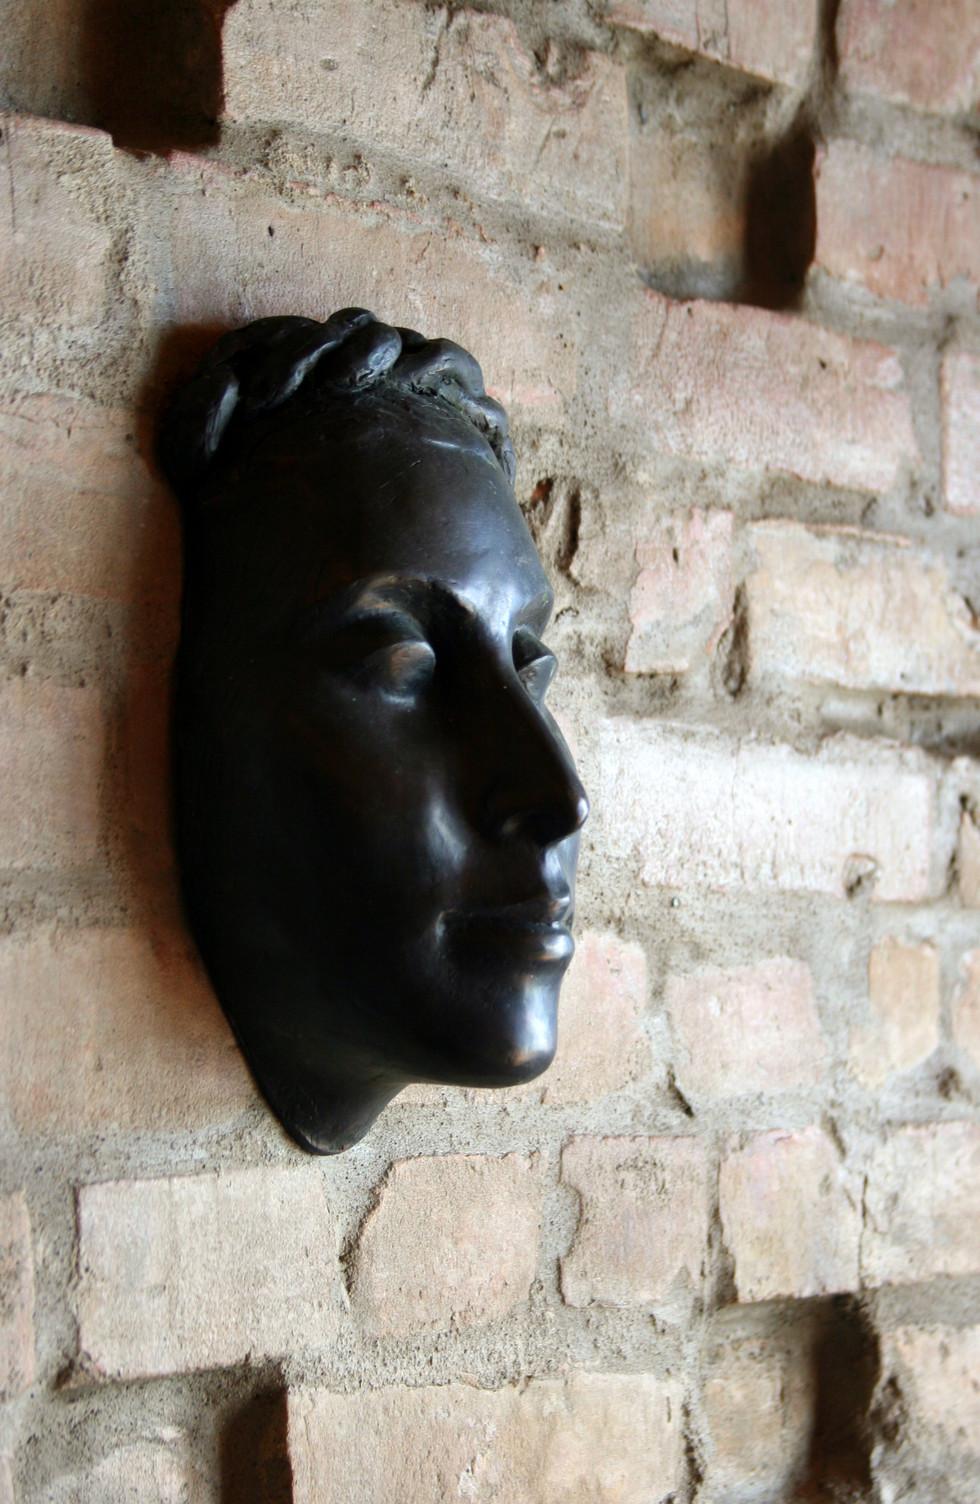 Sculpture by Janie Darovkikh